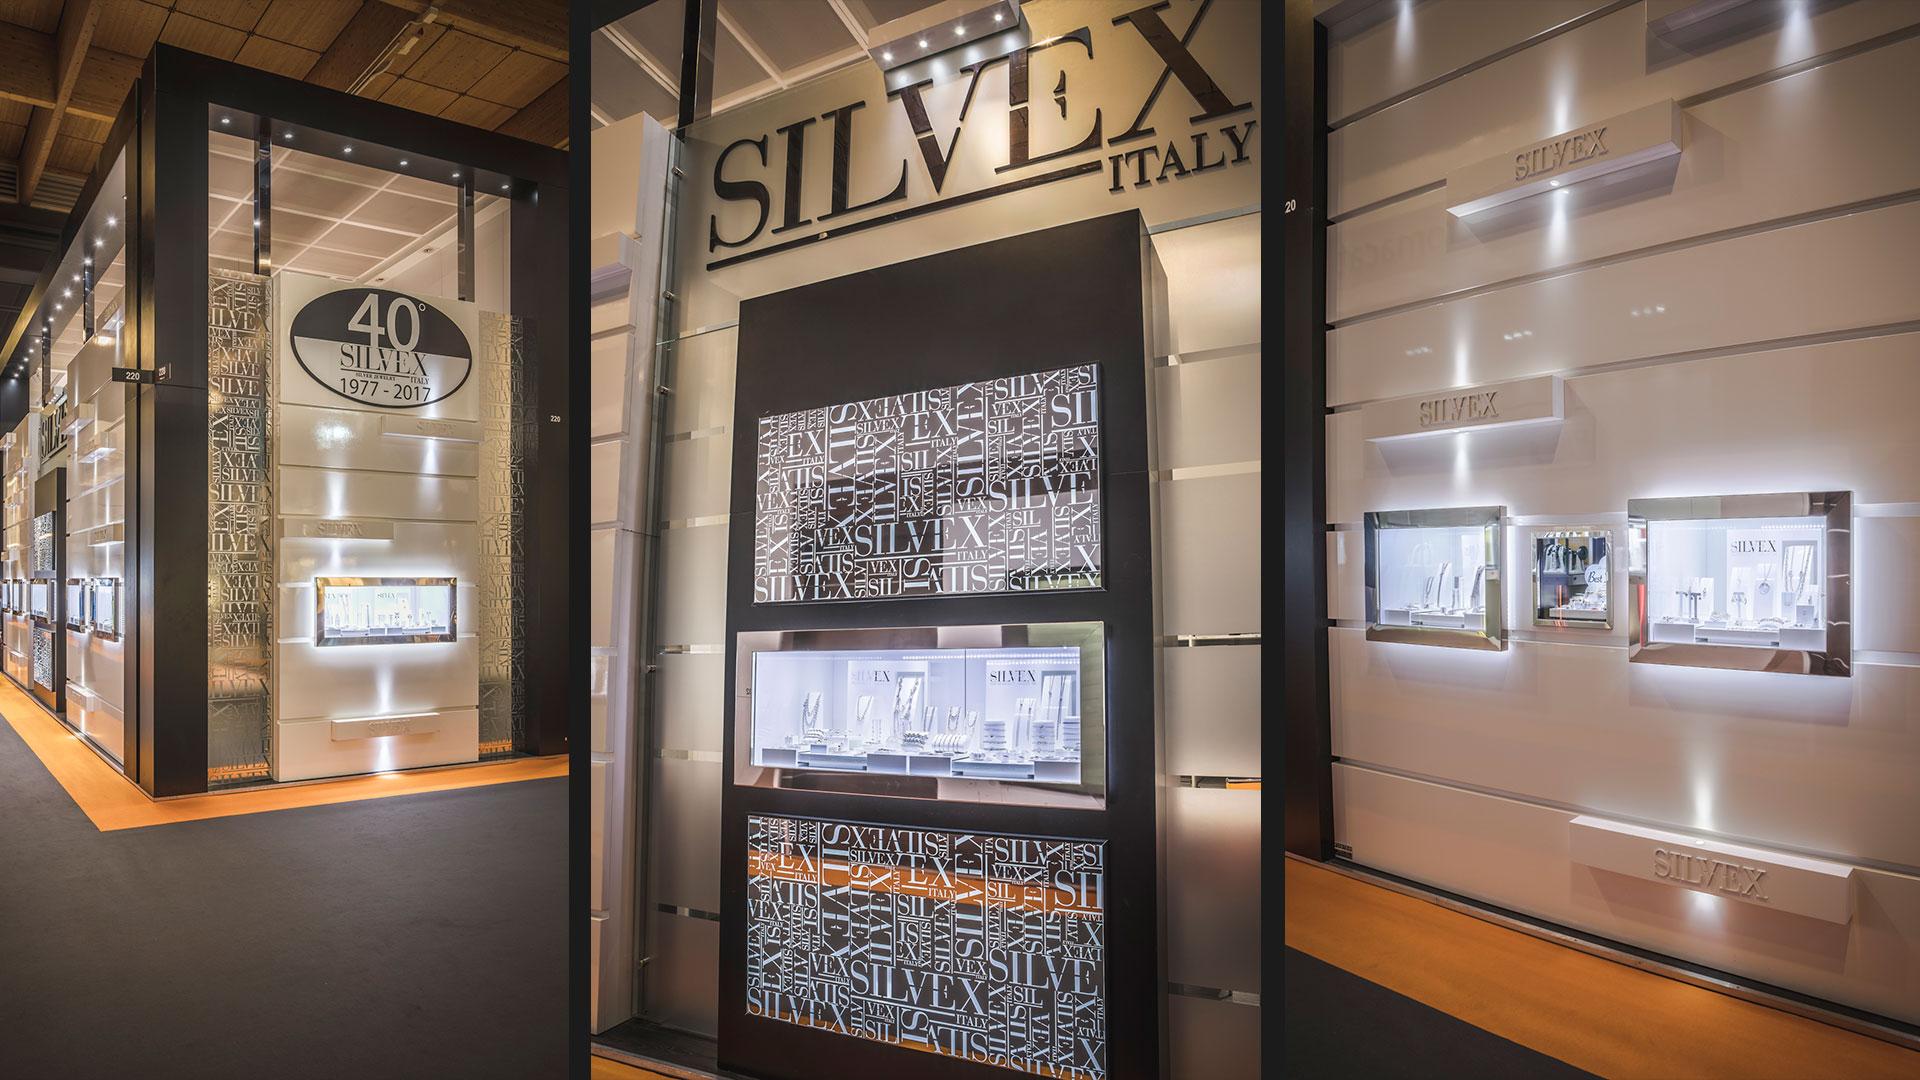 Allestitori VicenzaOro stand fiera Silvex | Foster Allestimenti 09